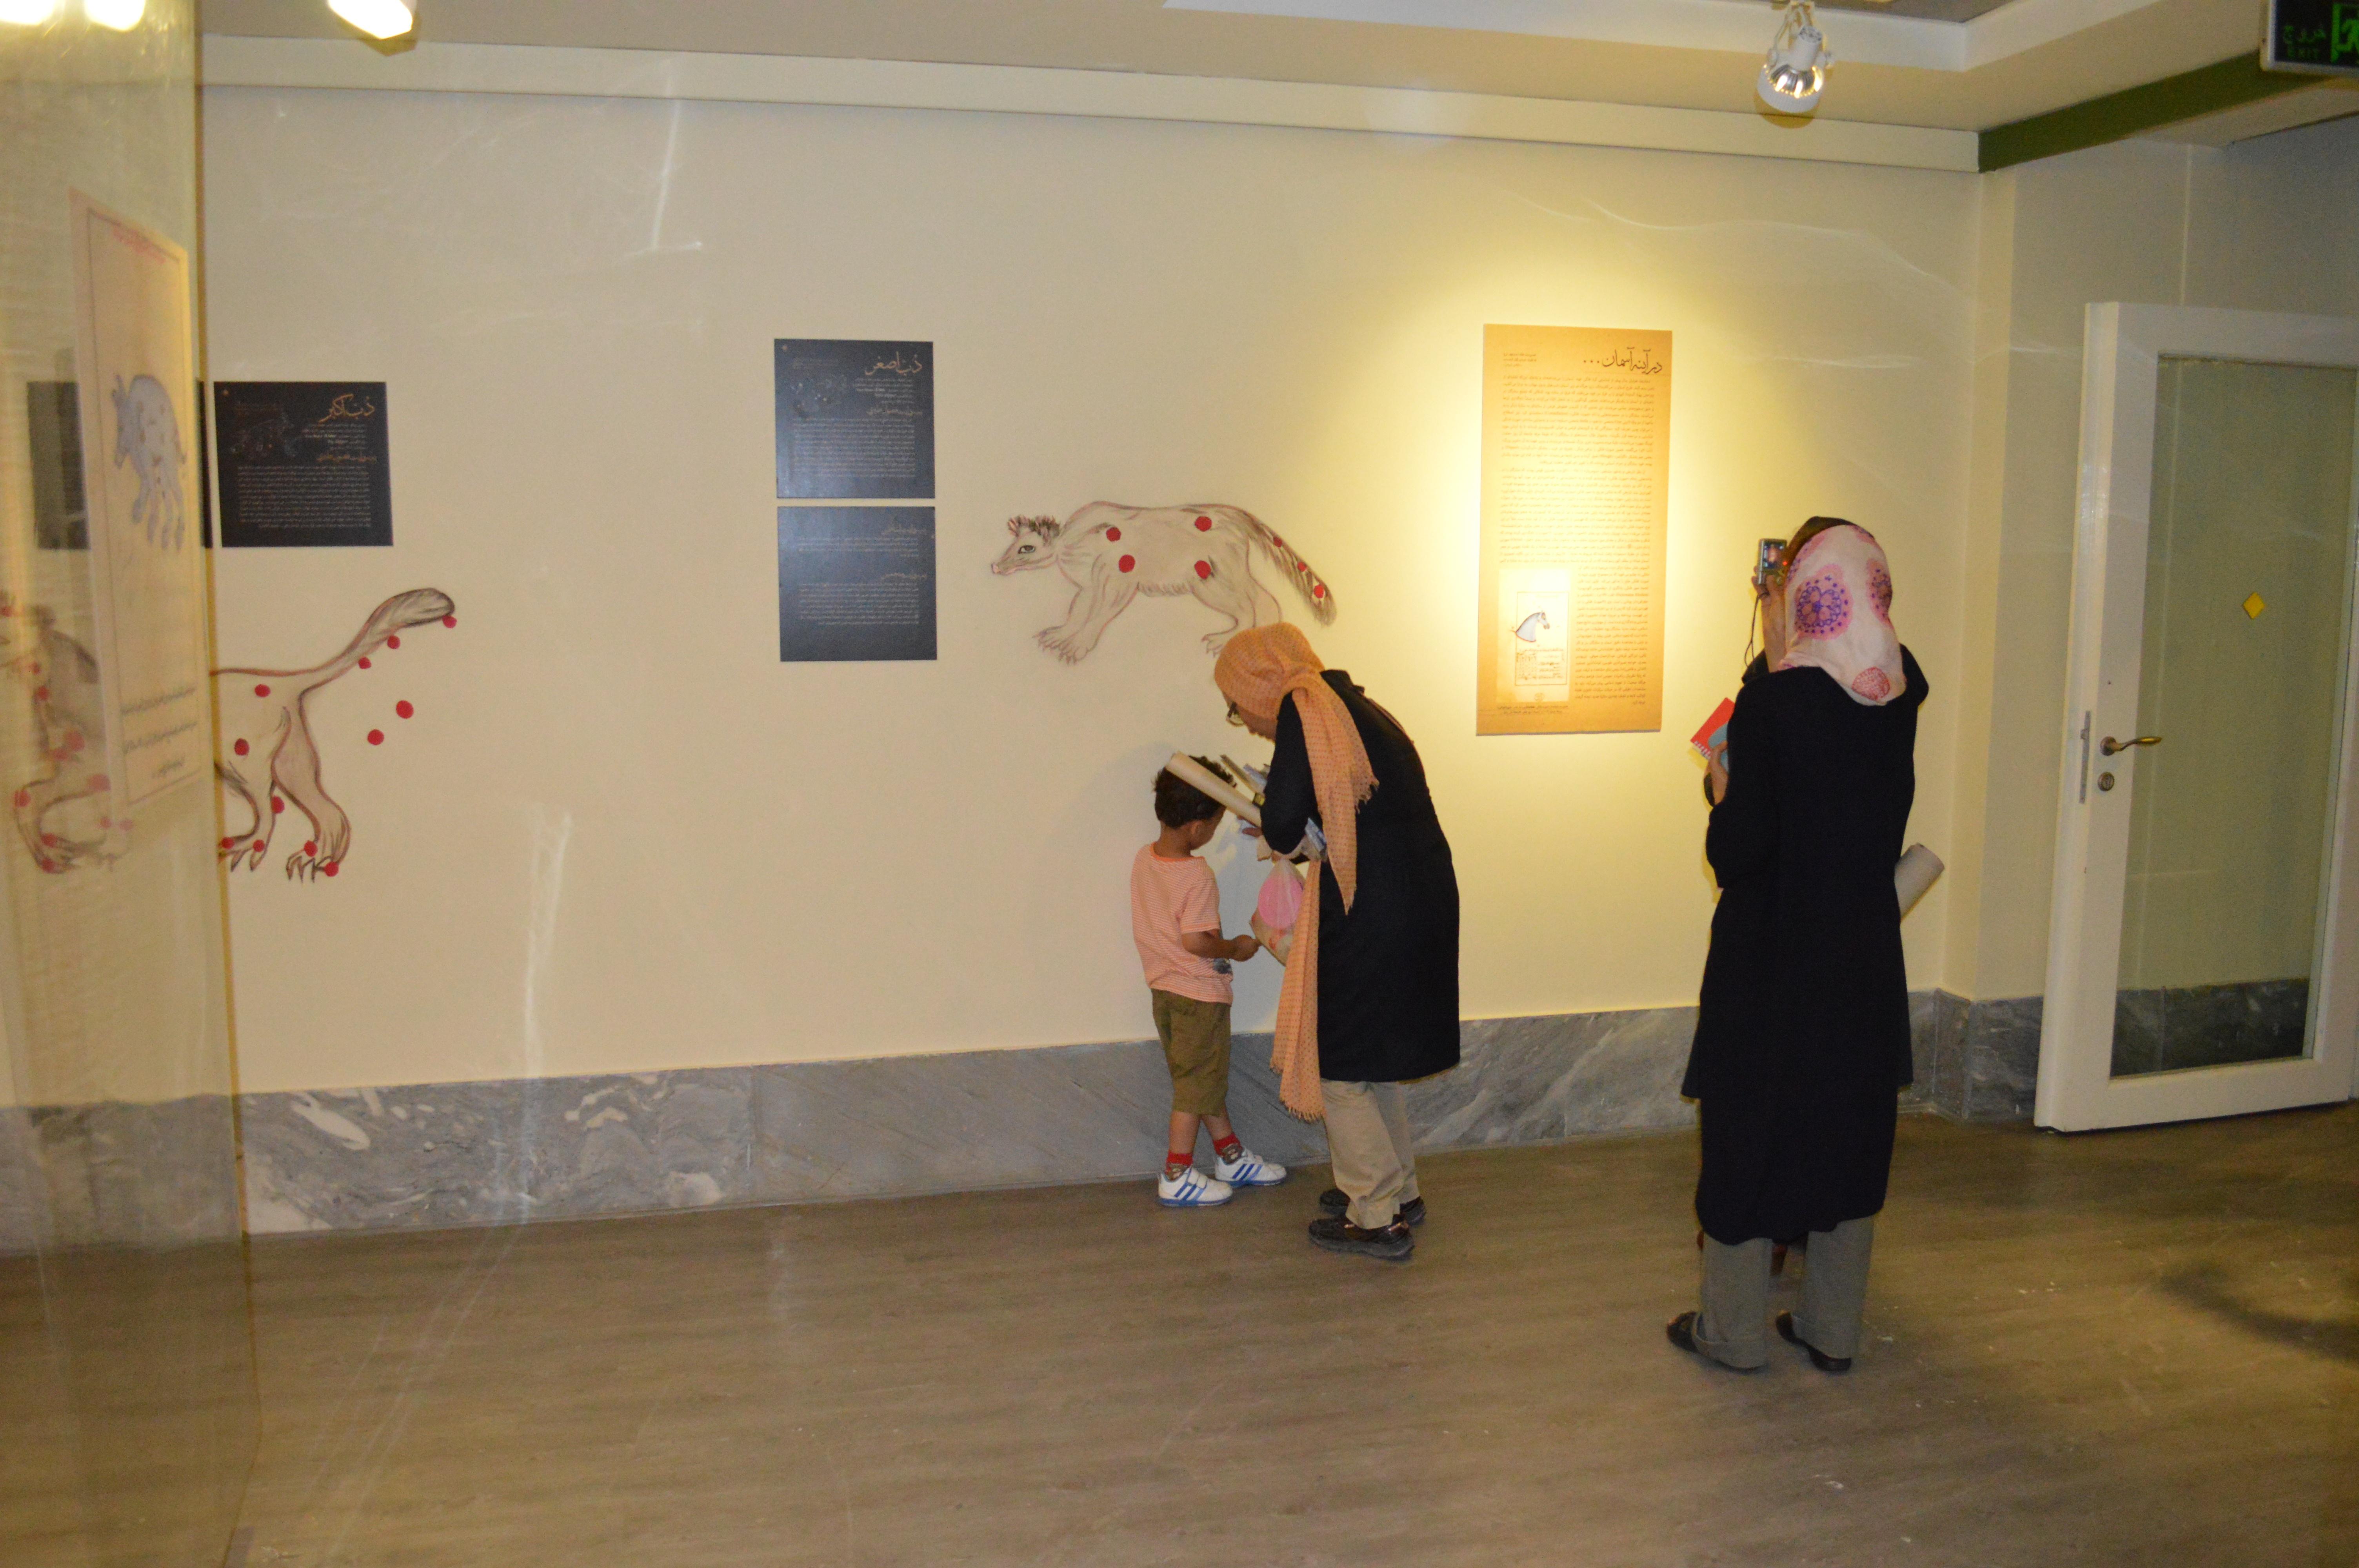 نمایشگاه در آینه آسمان